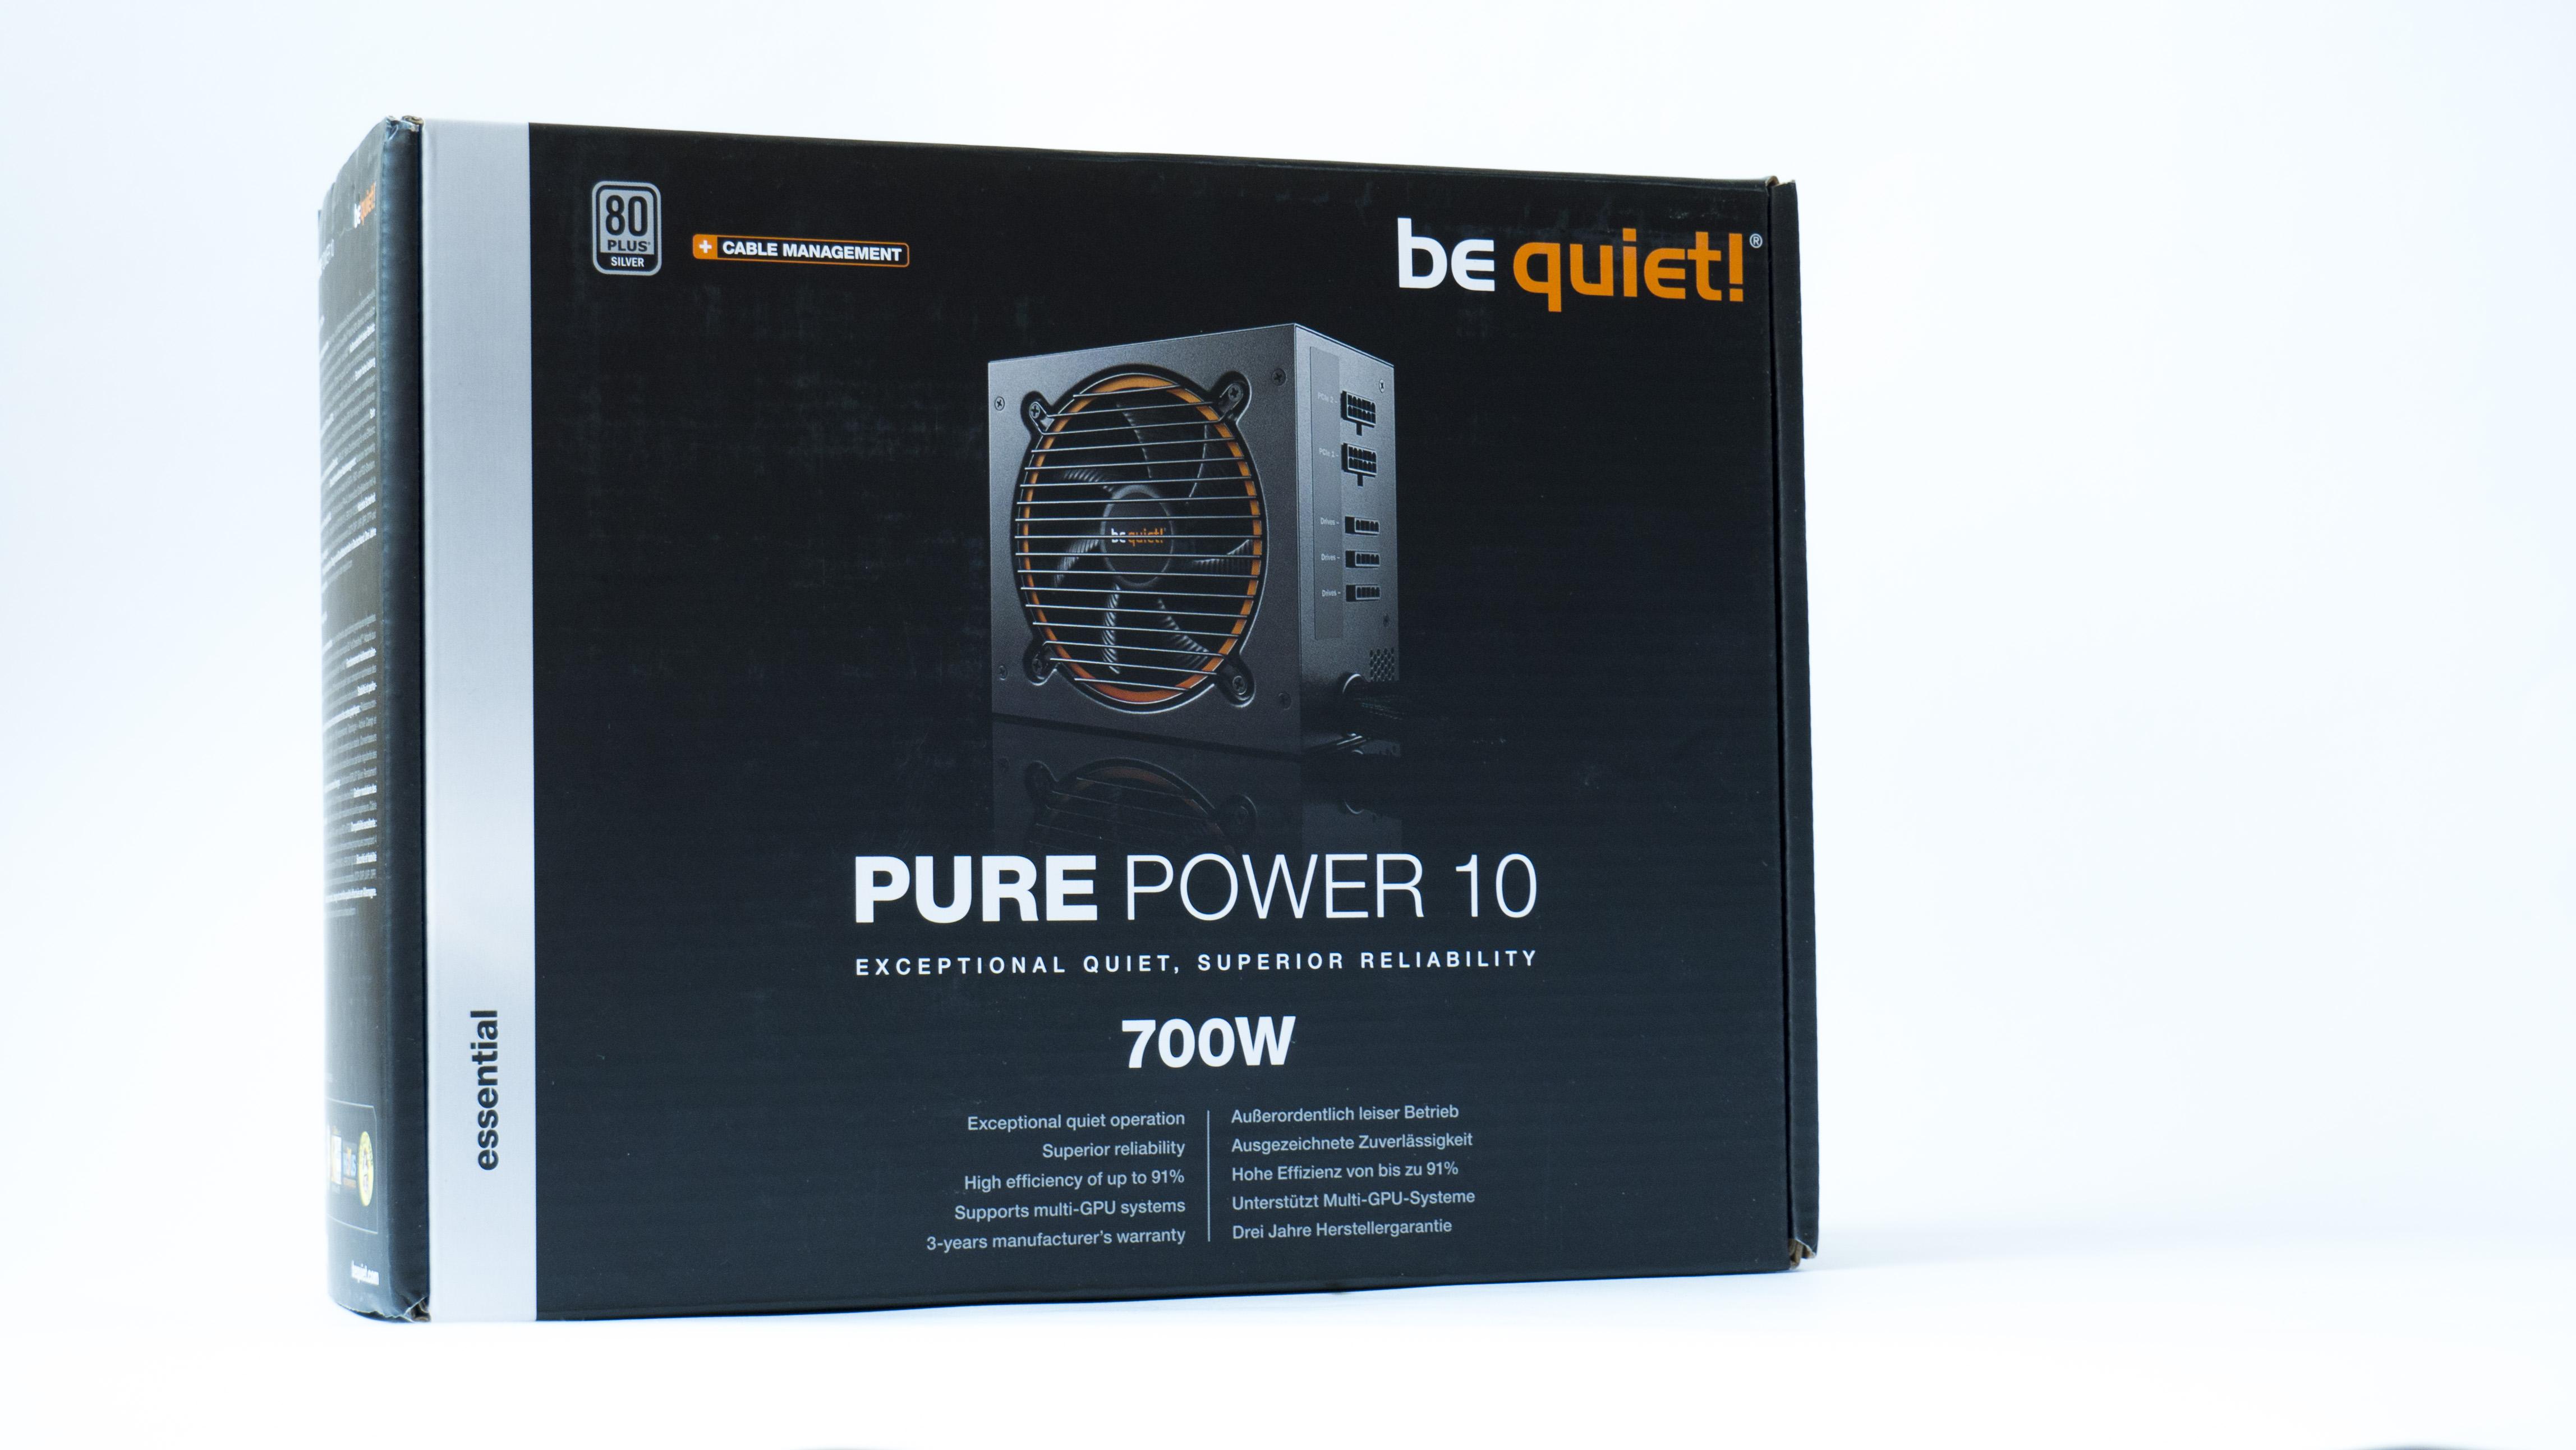 BeQuiet pure power 10